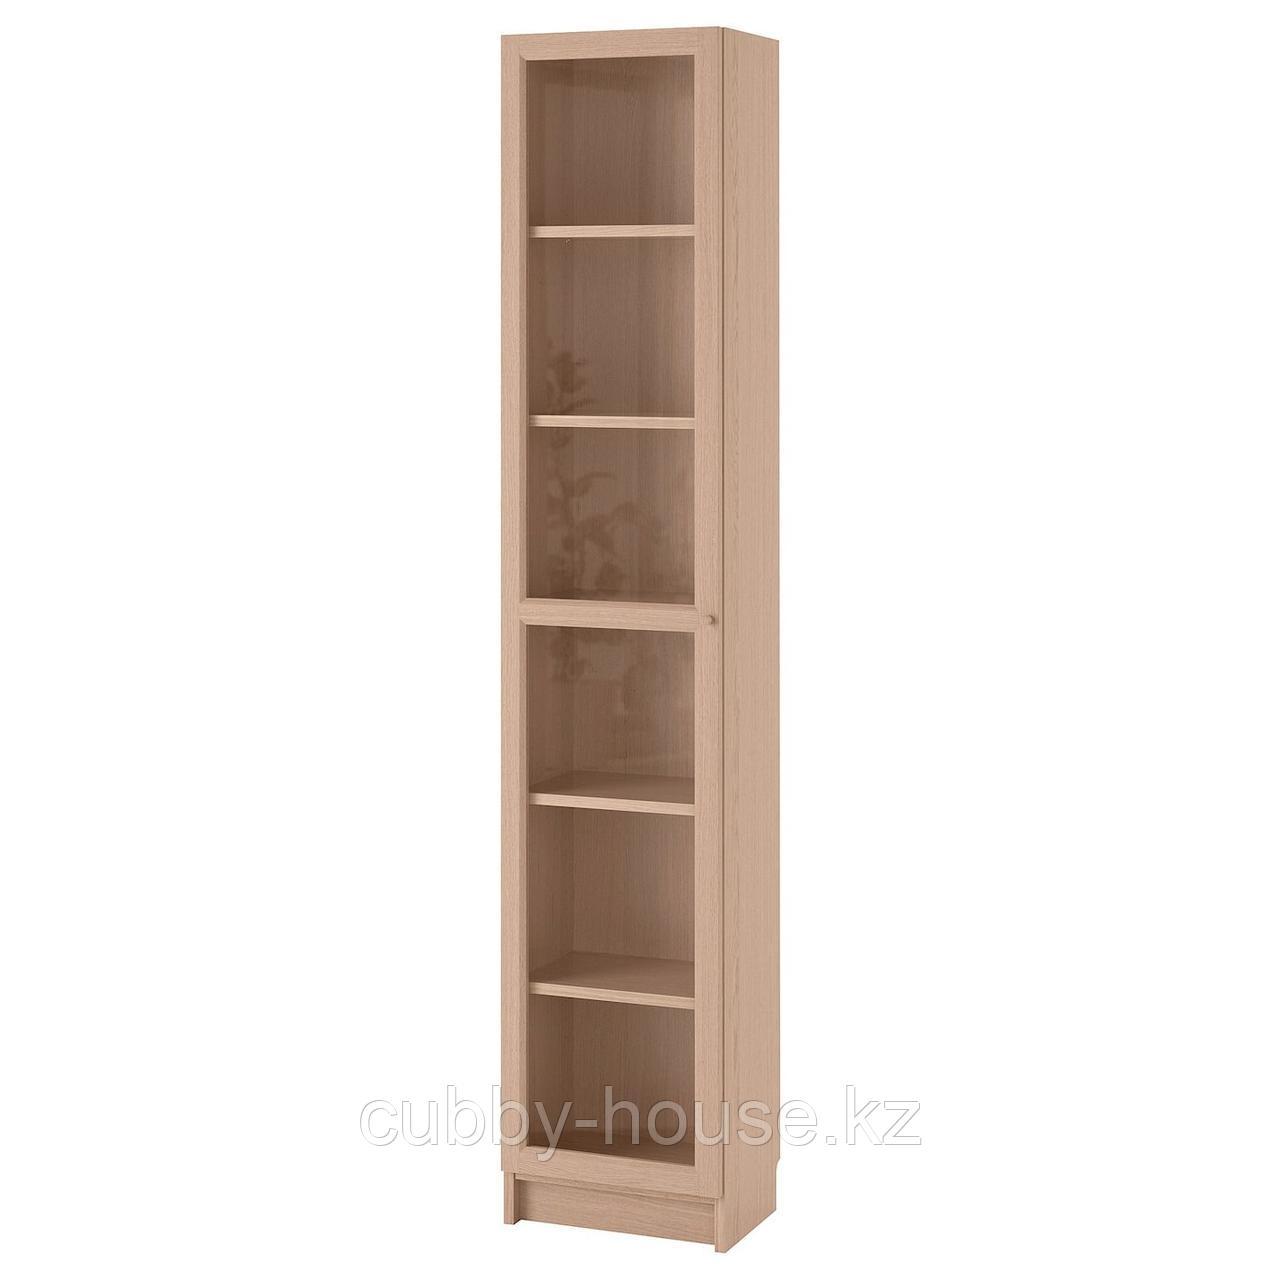 БИЛЛИ / ОКСБЕРГ Шкаф книжный со стеклянной дверью, белый, стекло, 40x30x202 см